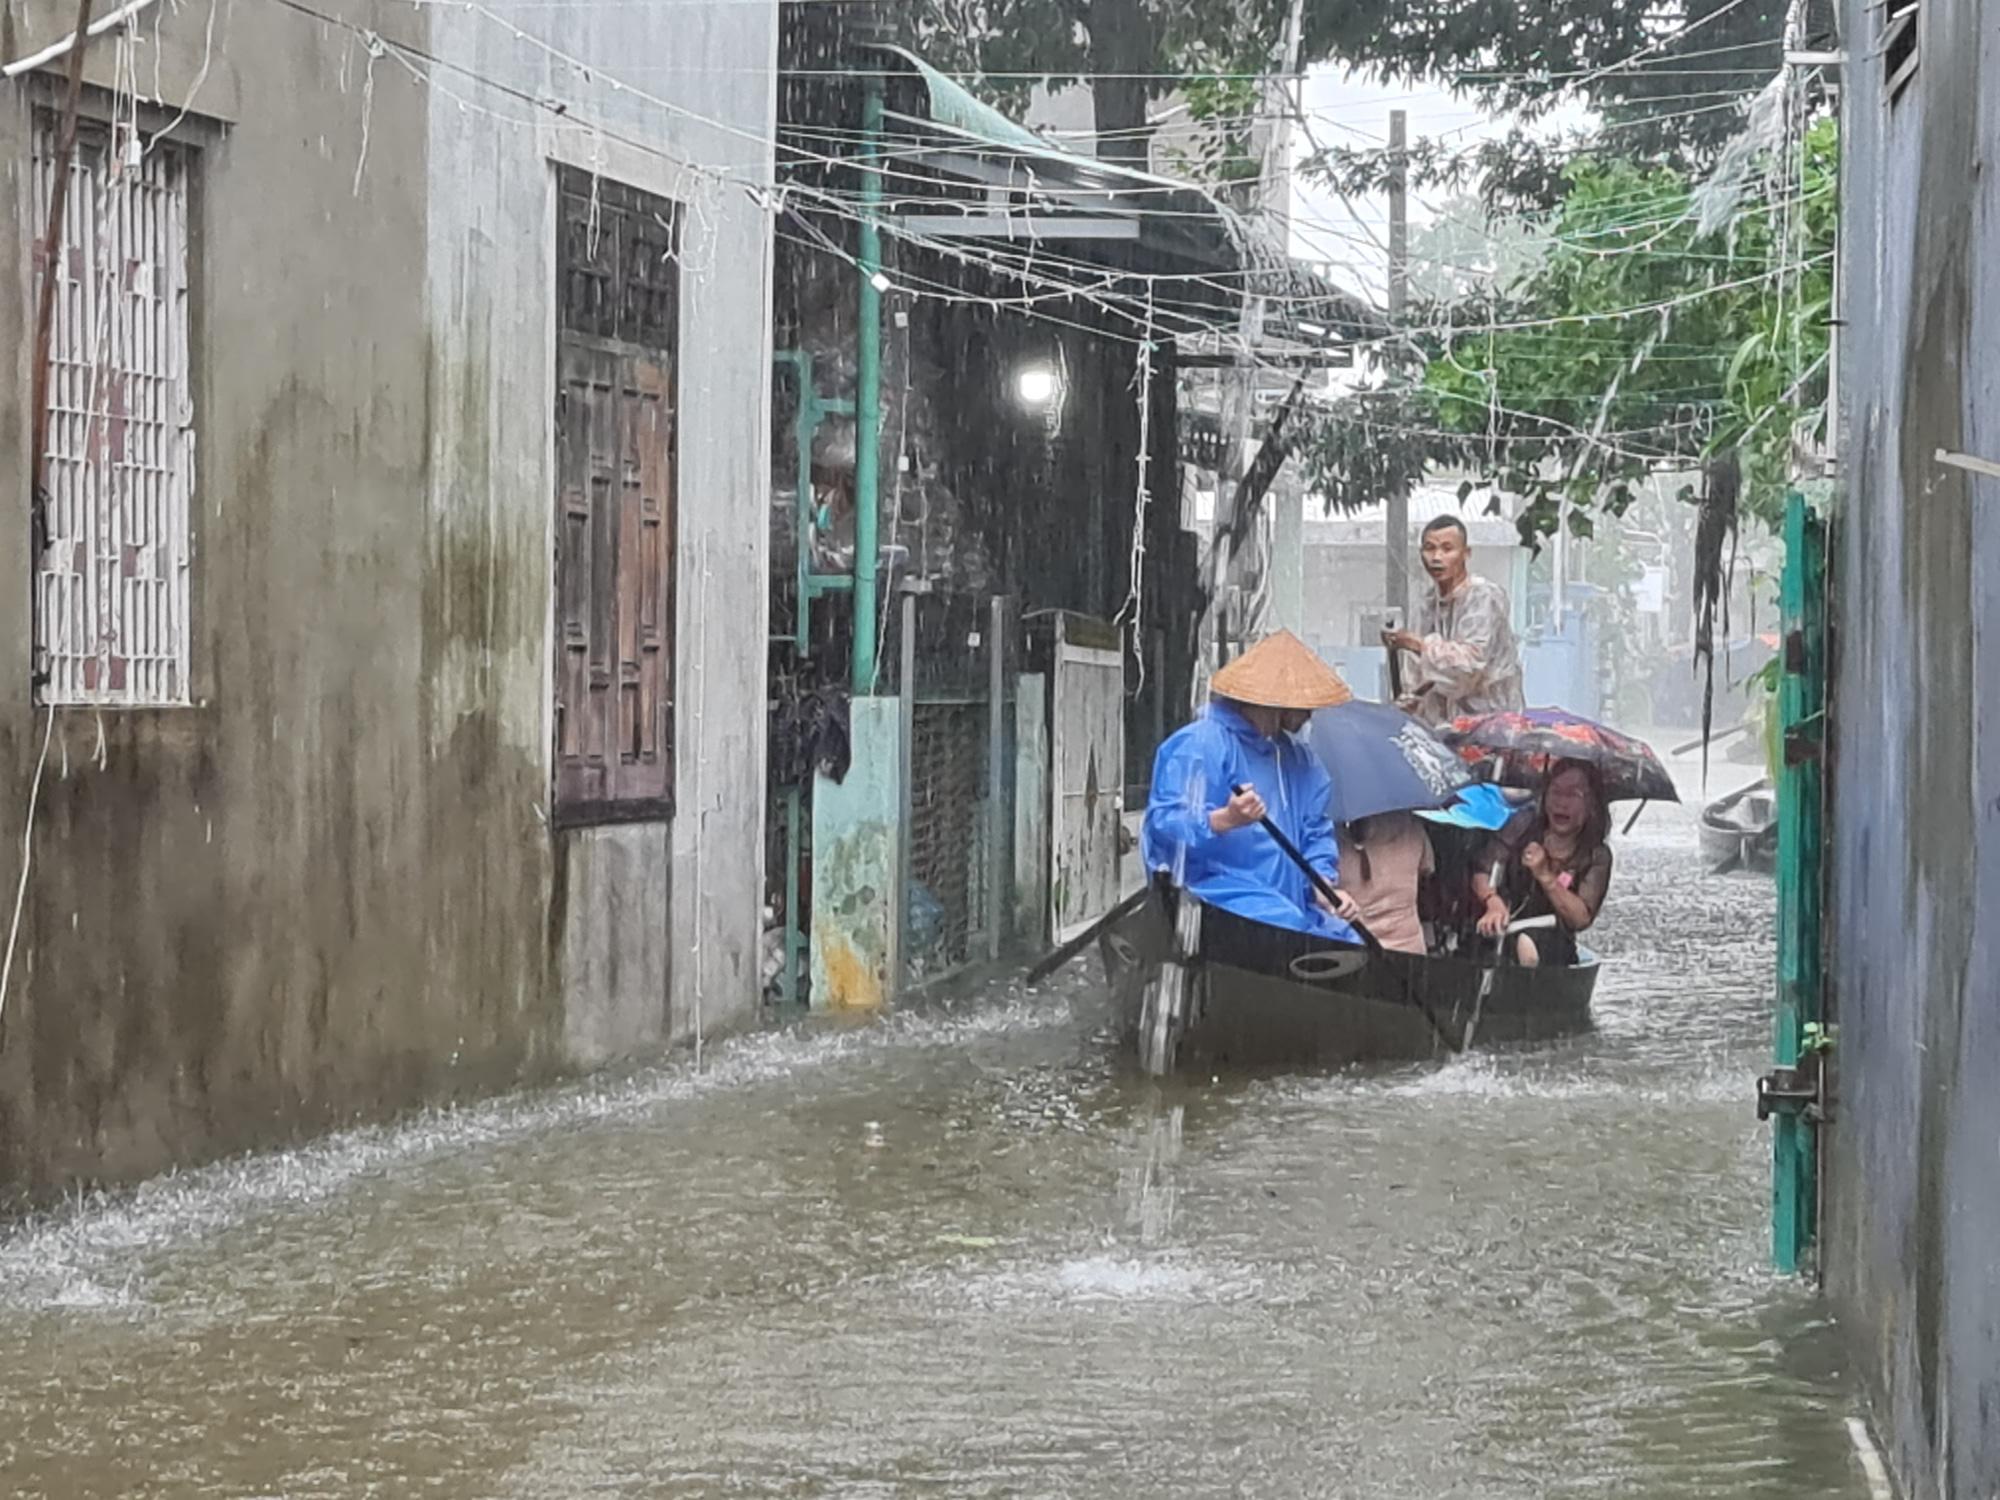 Quảng Nam: 6 người chết và mất tích do bão, lũ - Ảnh 2.